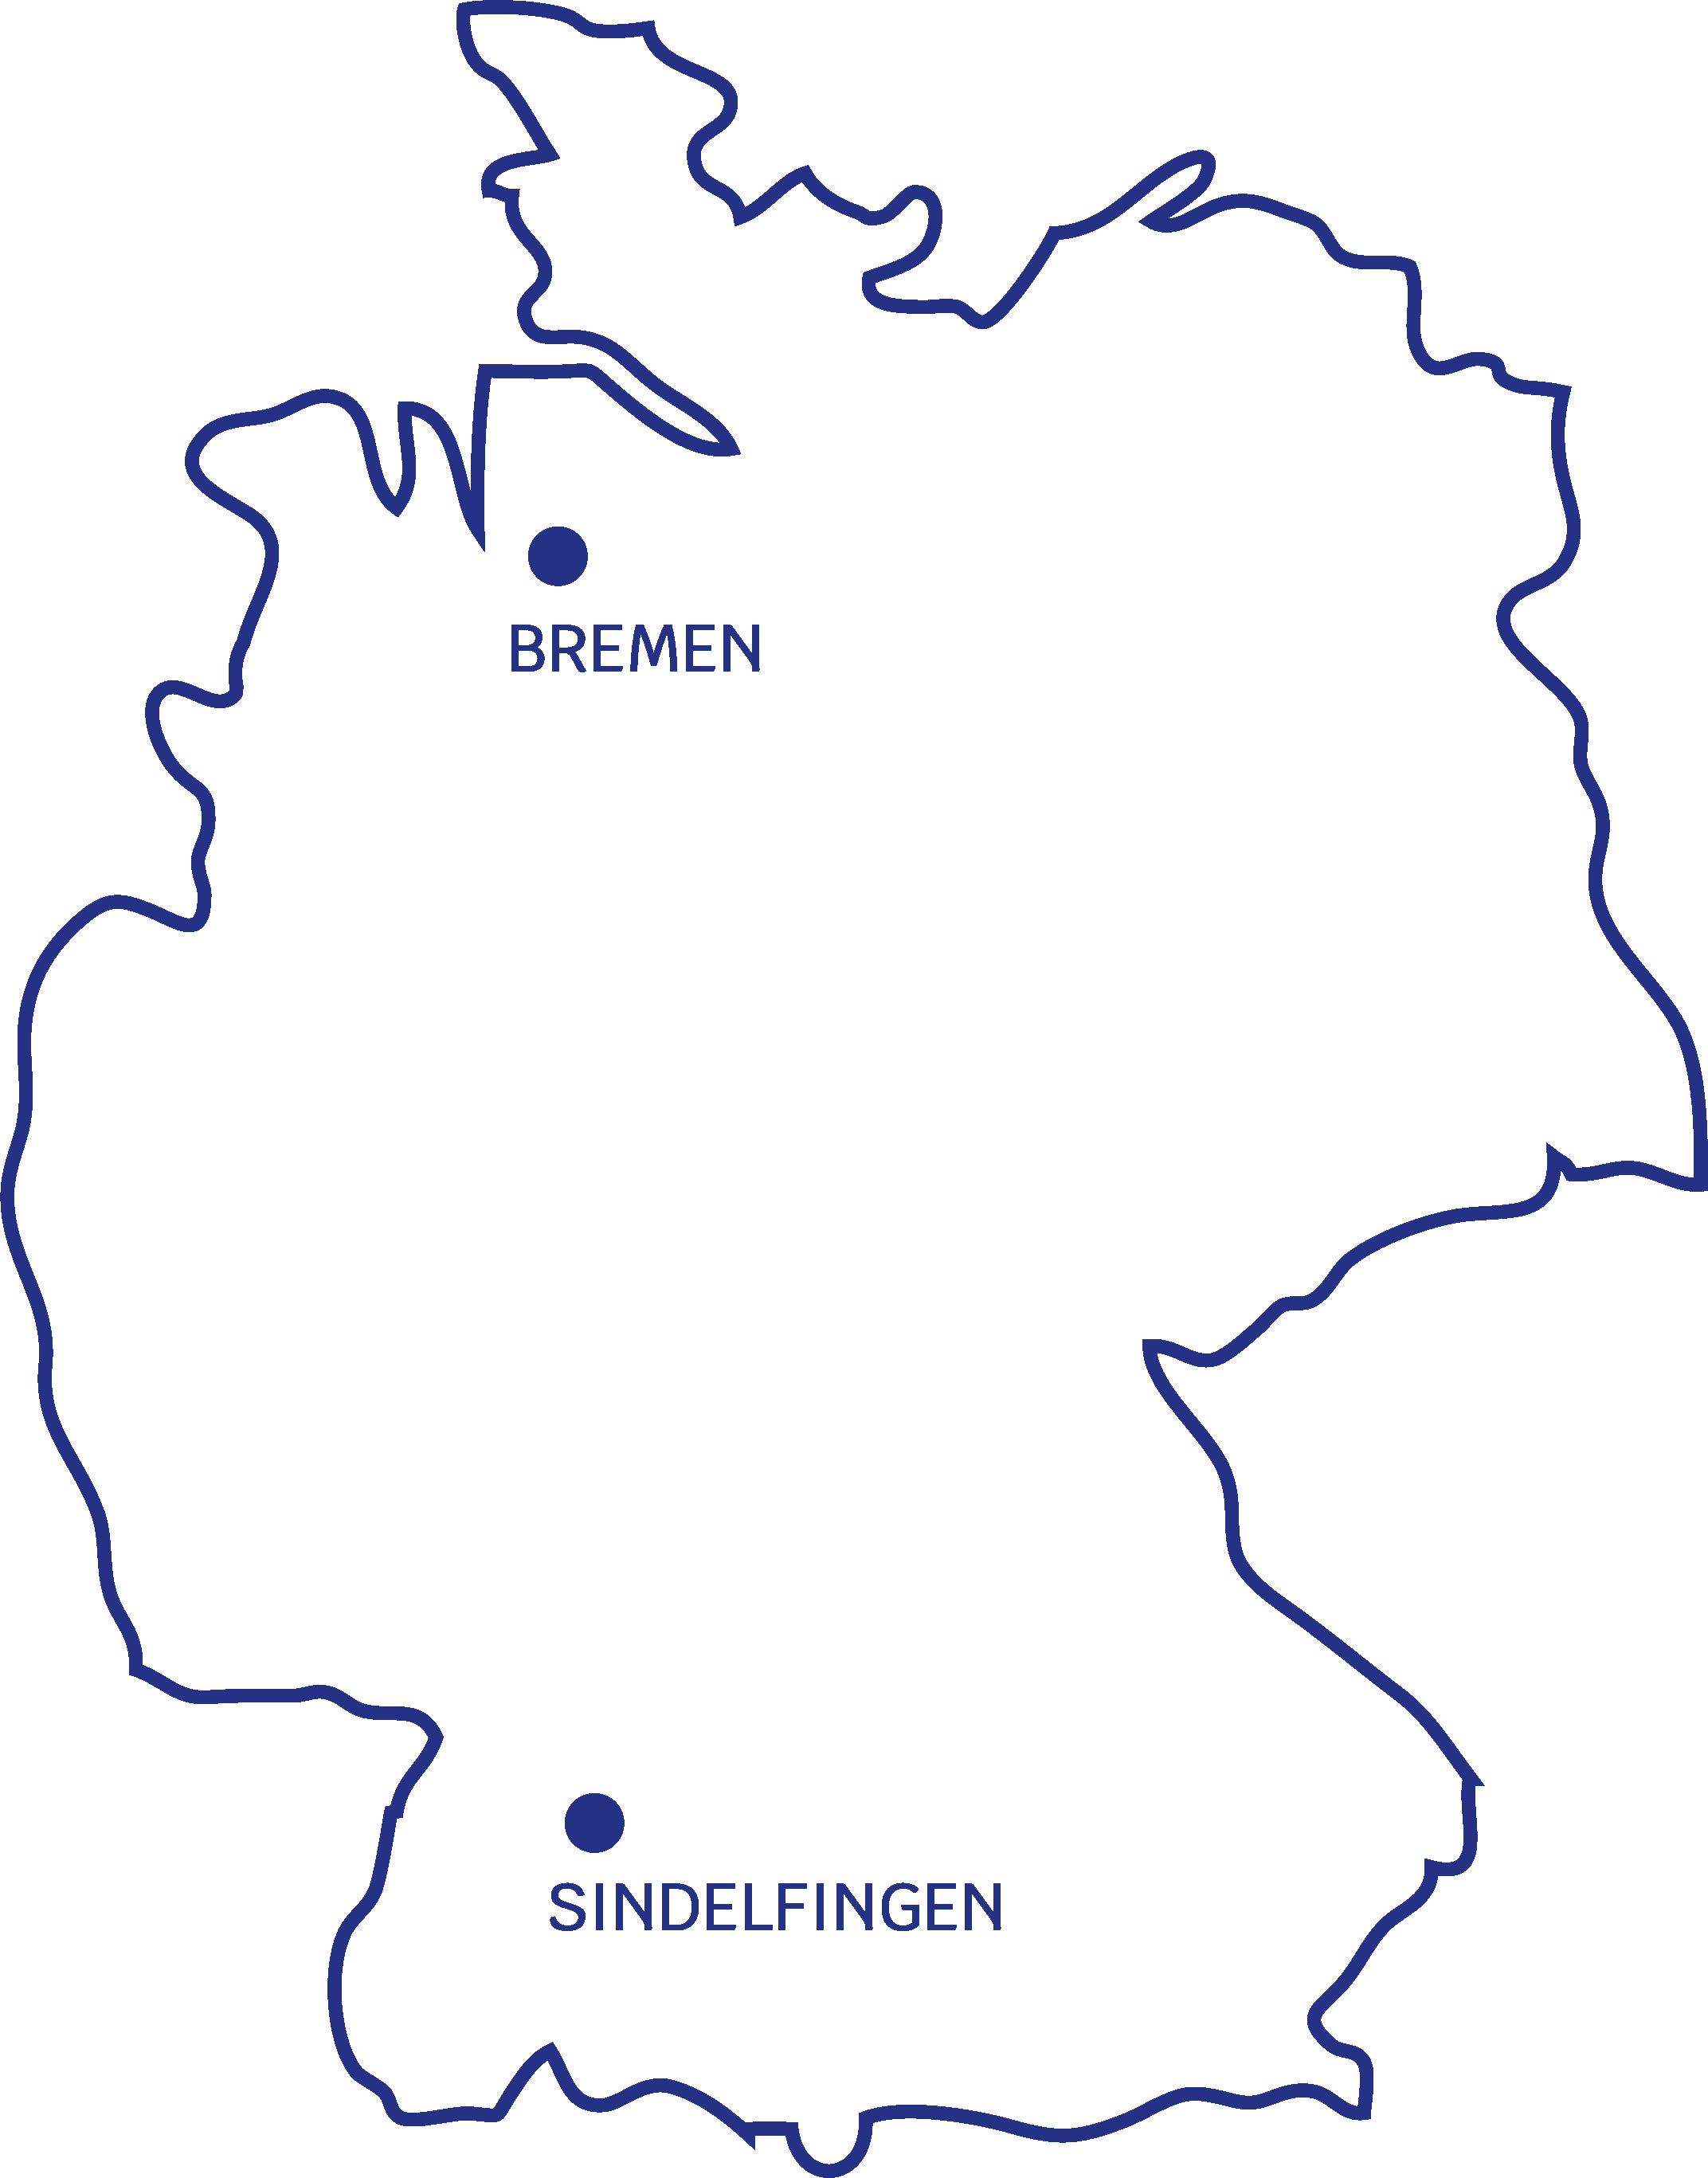 Eine Karte mit den Standorten von Sharpening Edge, ein Unternehmen für Umsetzungsorientierte Management Beratung